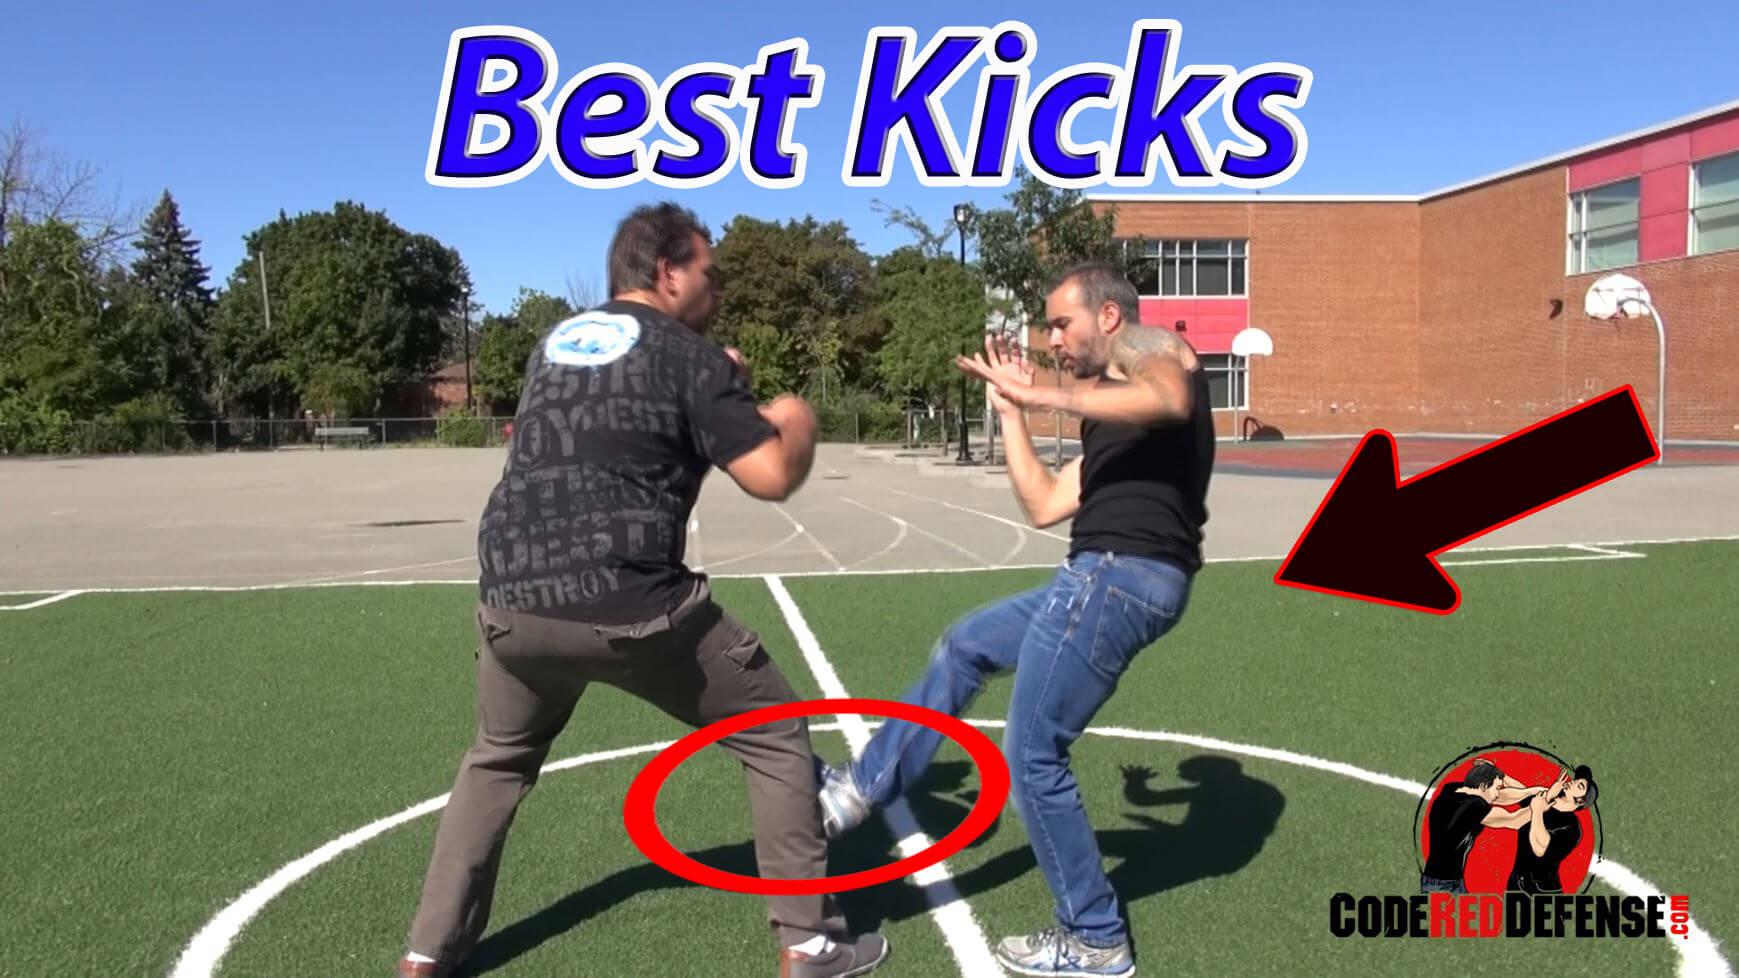 self-defense kicks